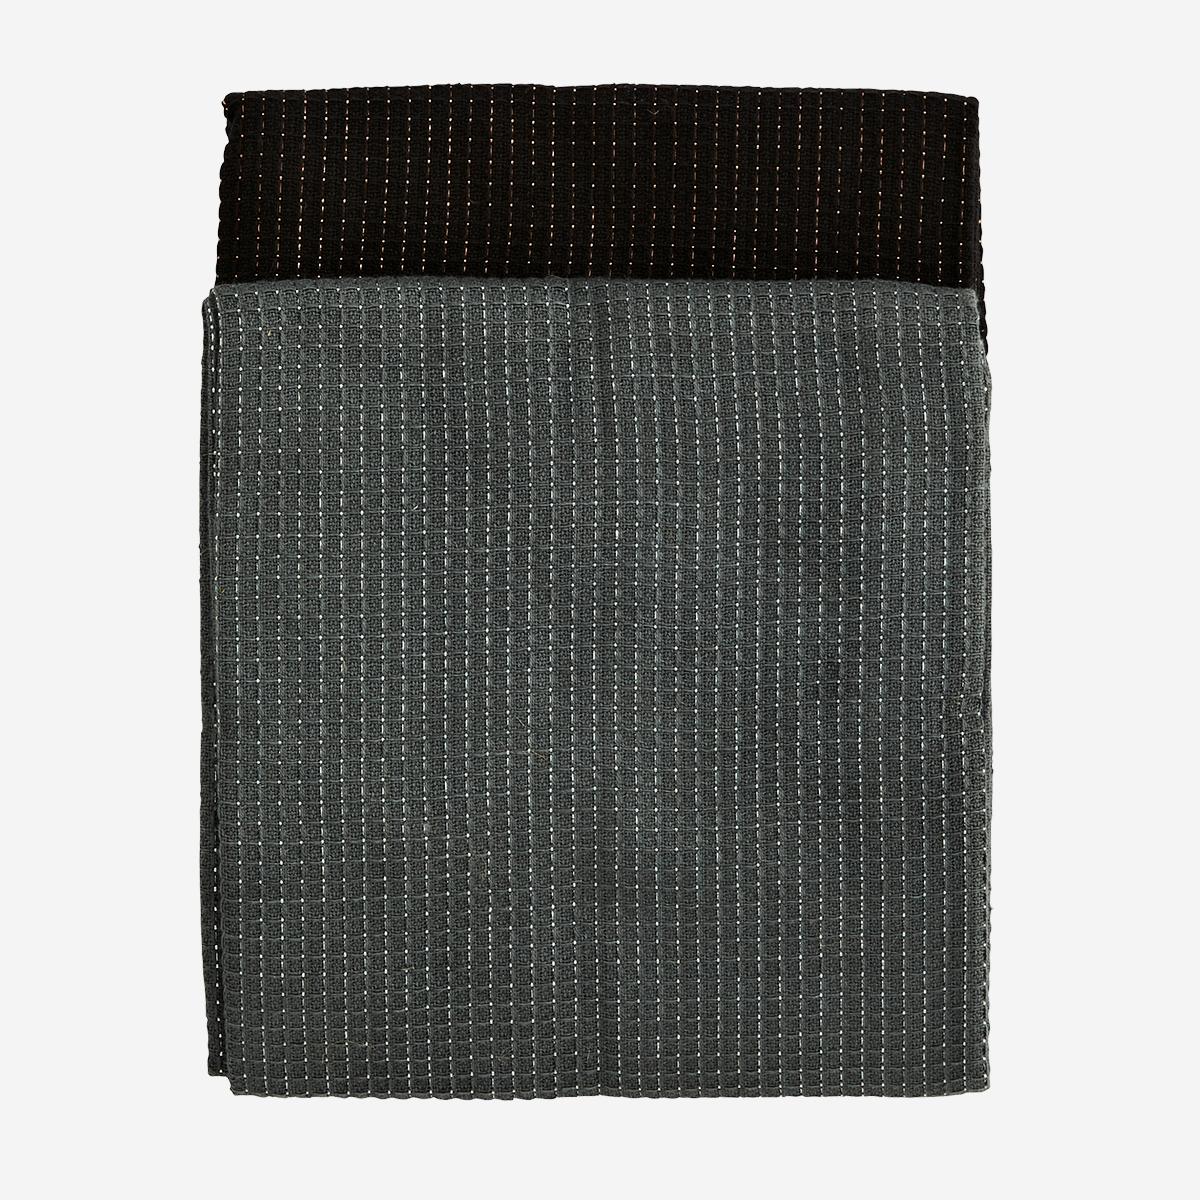 Set de 4 essuies de vaisselle gaufrés gris foncé et lurex argenté / noir et lurex cuivré * Madam Stoltz